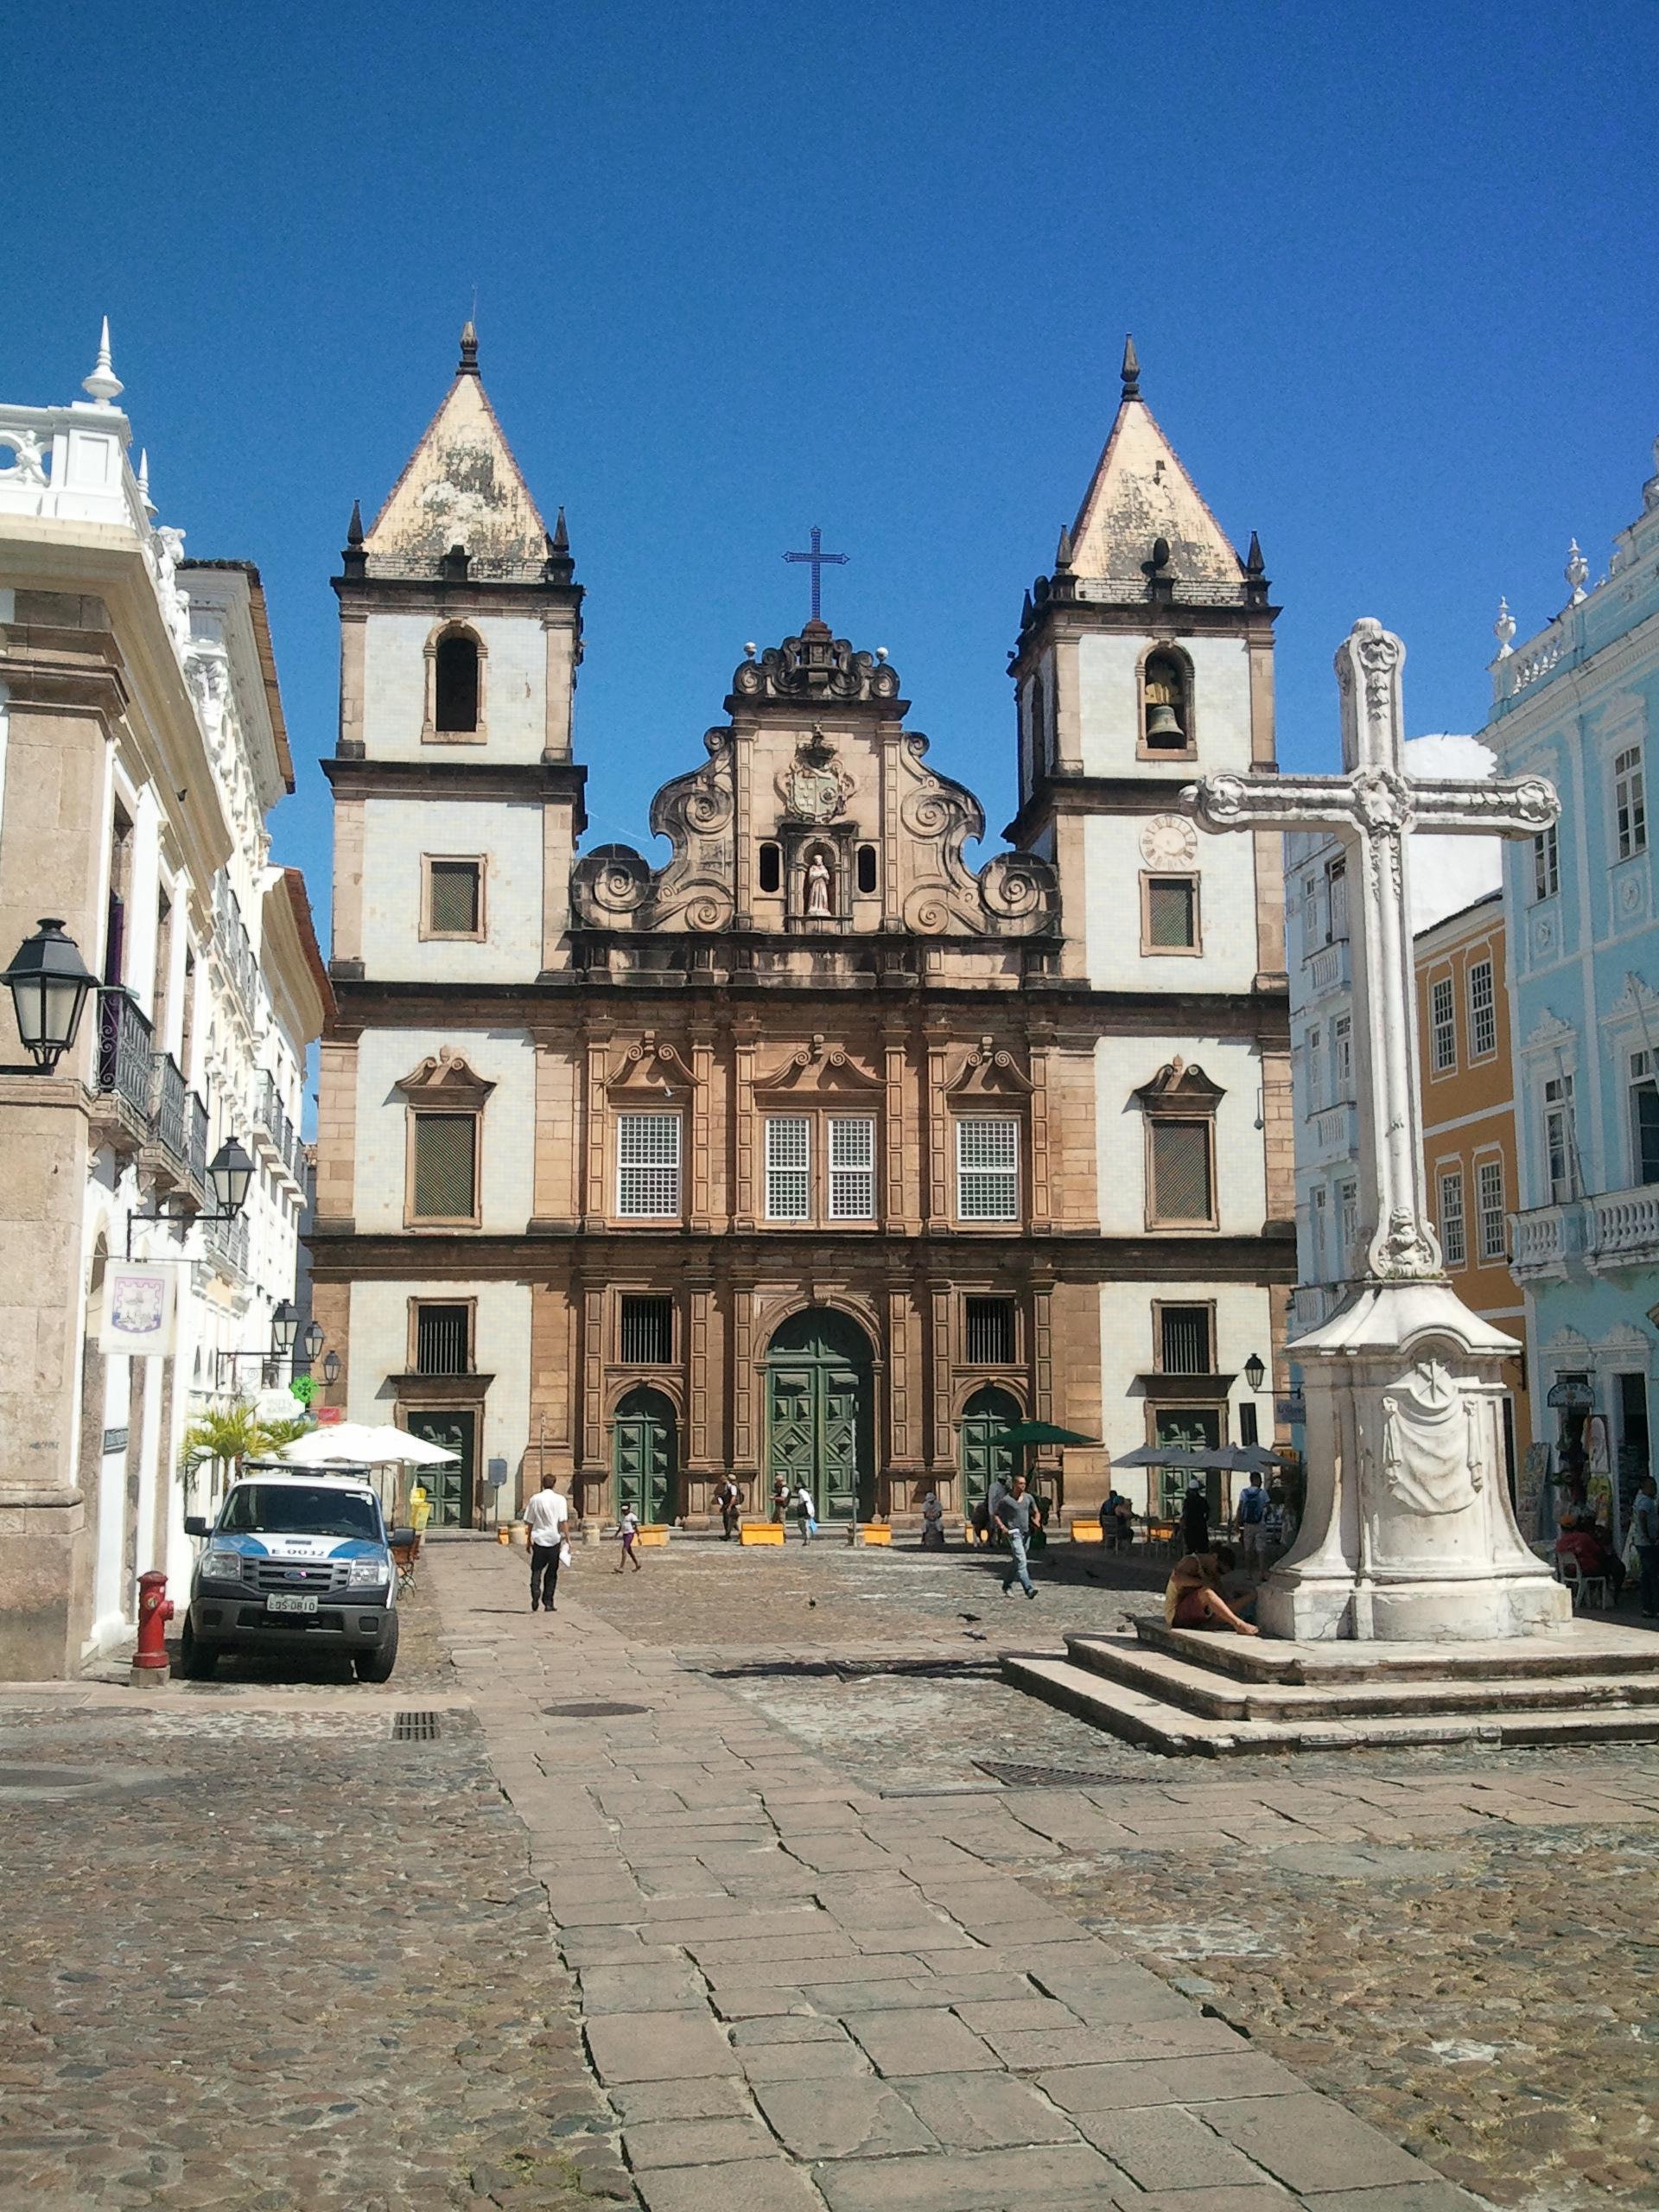 Church and Convent of São Francisco Salvador Bahia ...